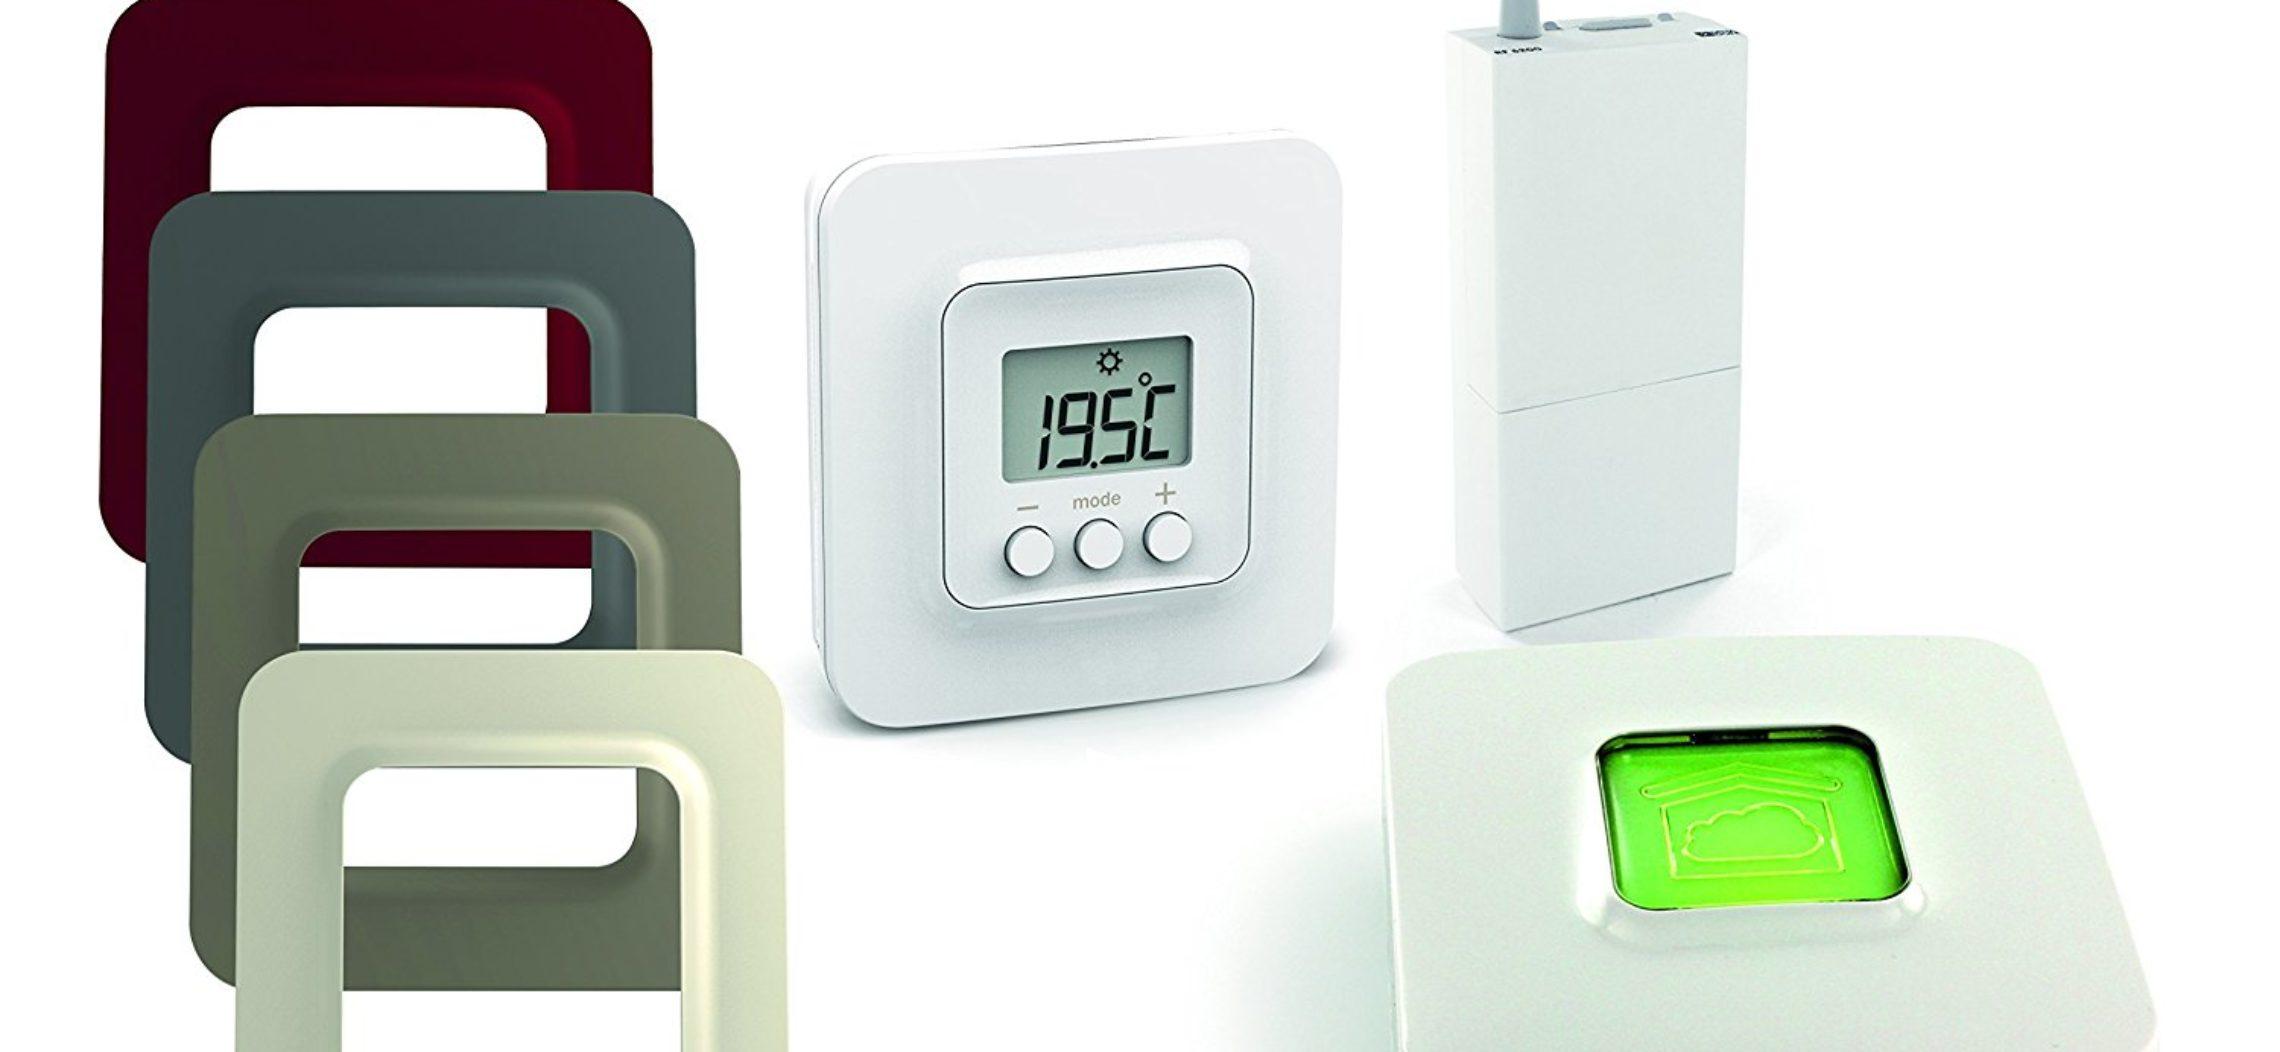 81pf9iOiAhL._SL1500_-2280x1052_c Retrouvez nos articles sur les différentes façons de domotiser votre chauffage